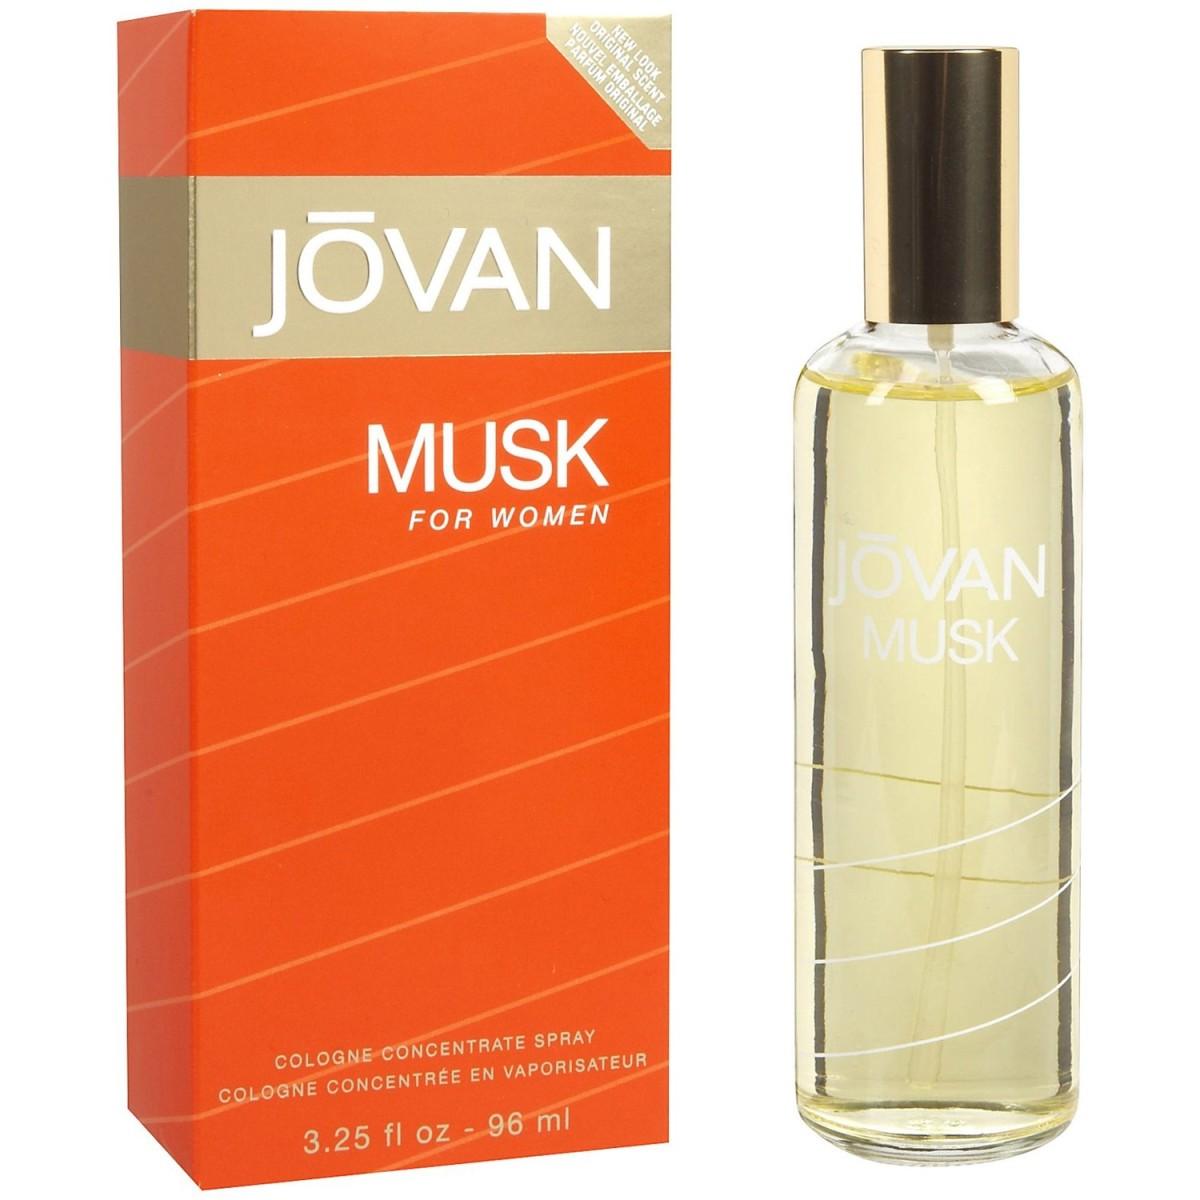 Jovan Musk for Women Fragrance